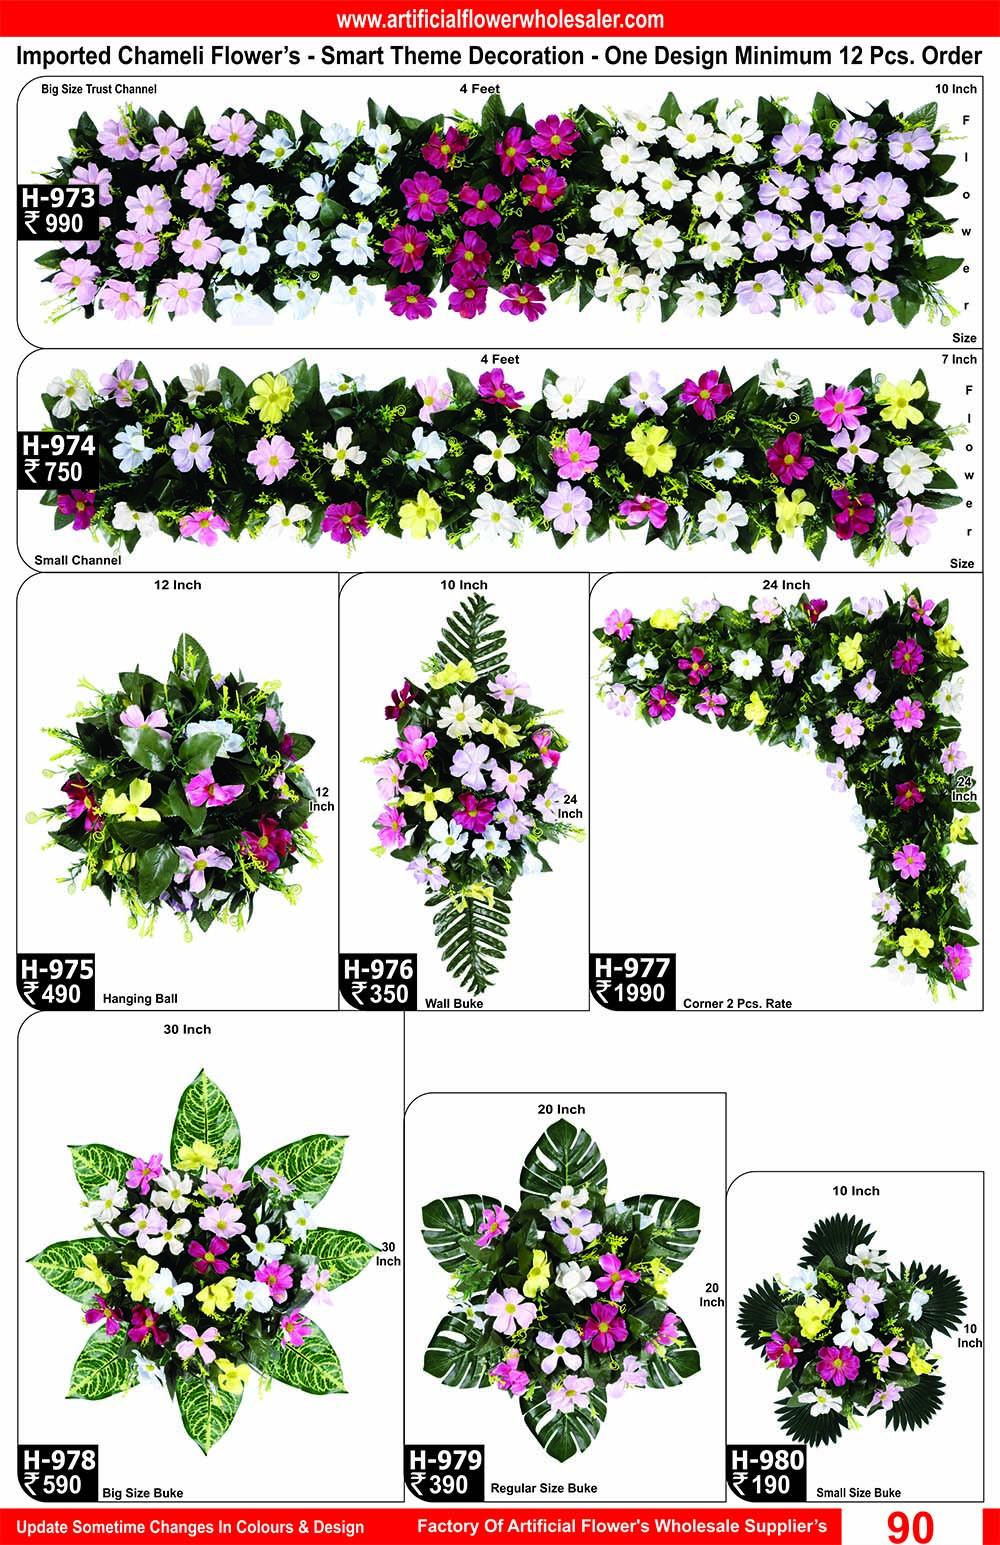 90-artificial-flower-wholesaler